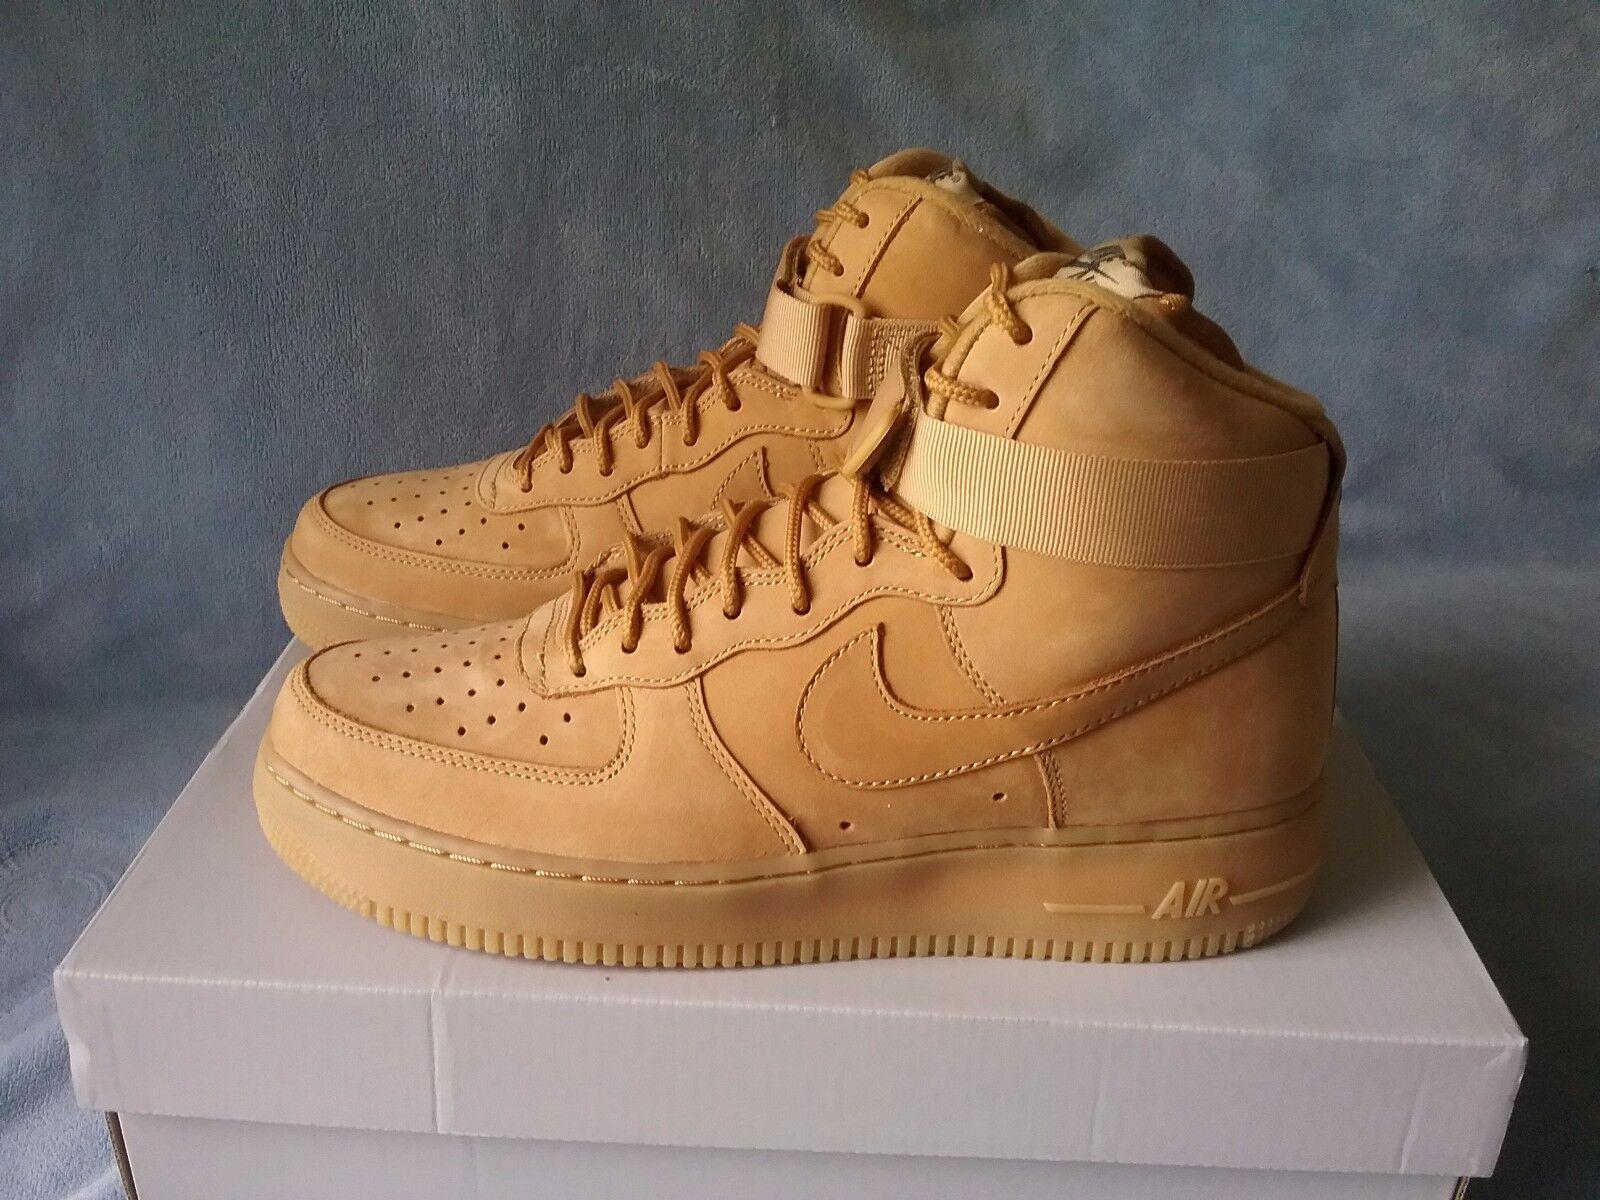 pretty nice 16d3c 562d5 good Nike Air Force 1 High 07 LV8 Wheat Flax 806403-200